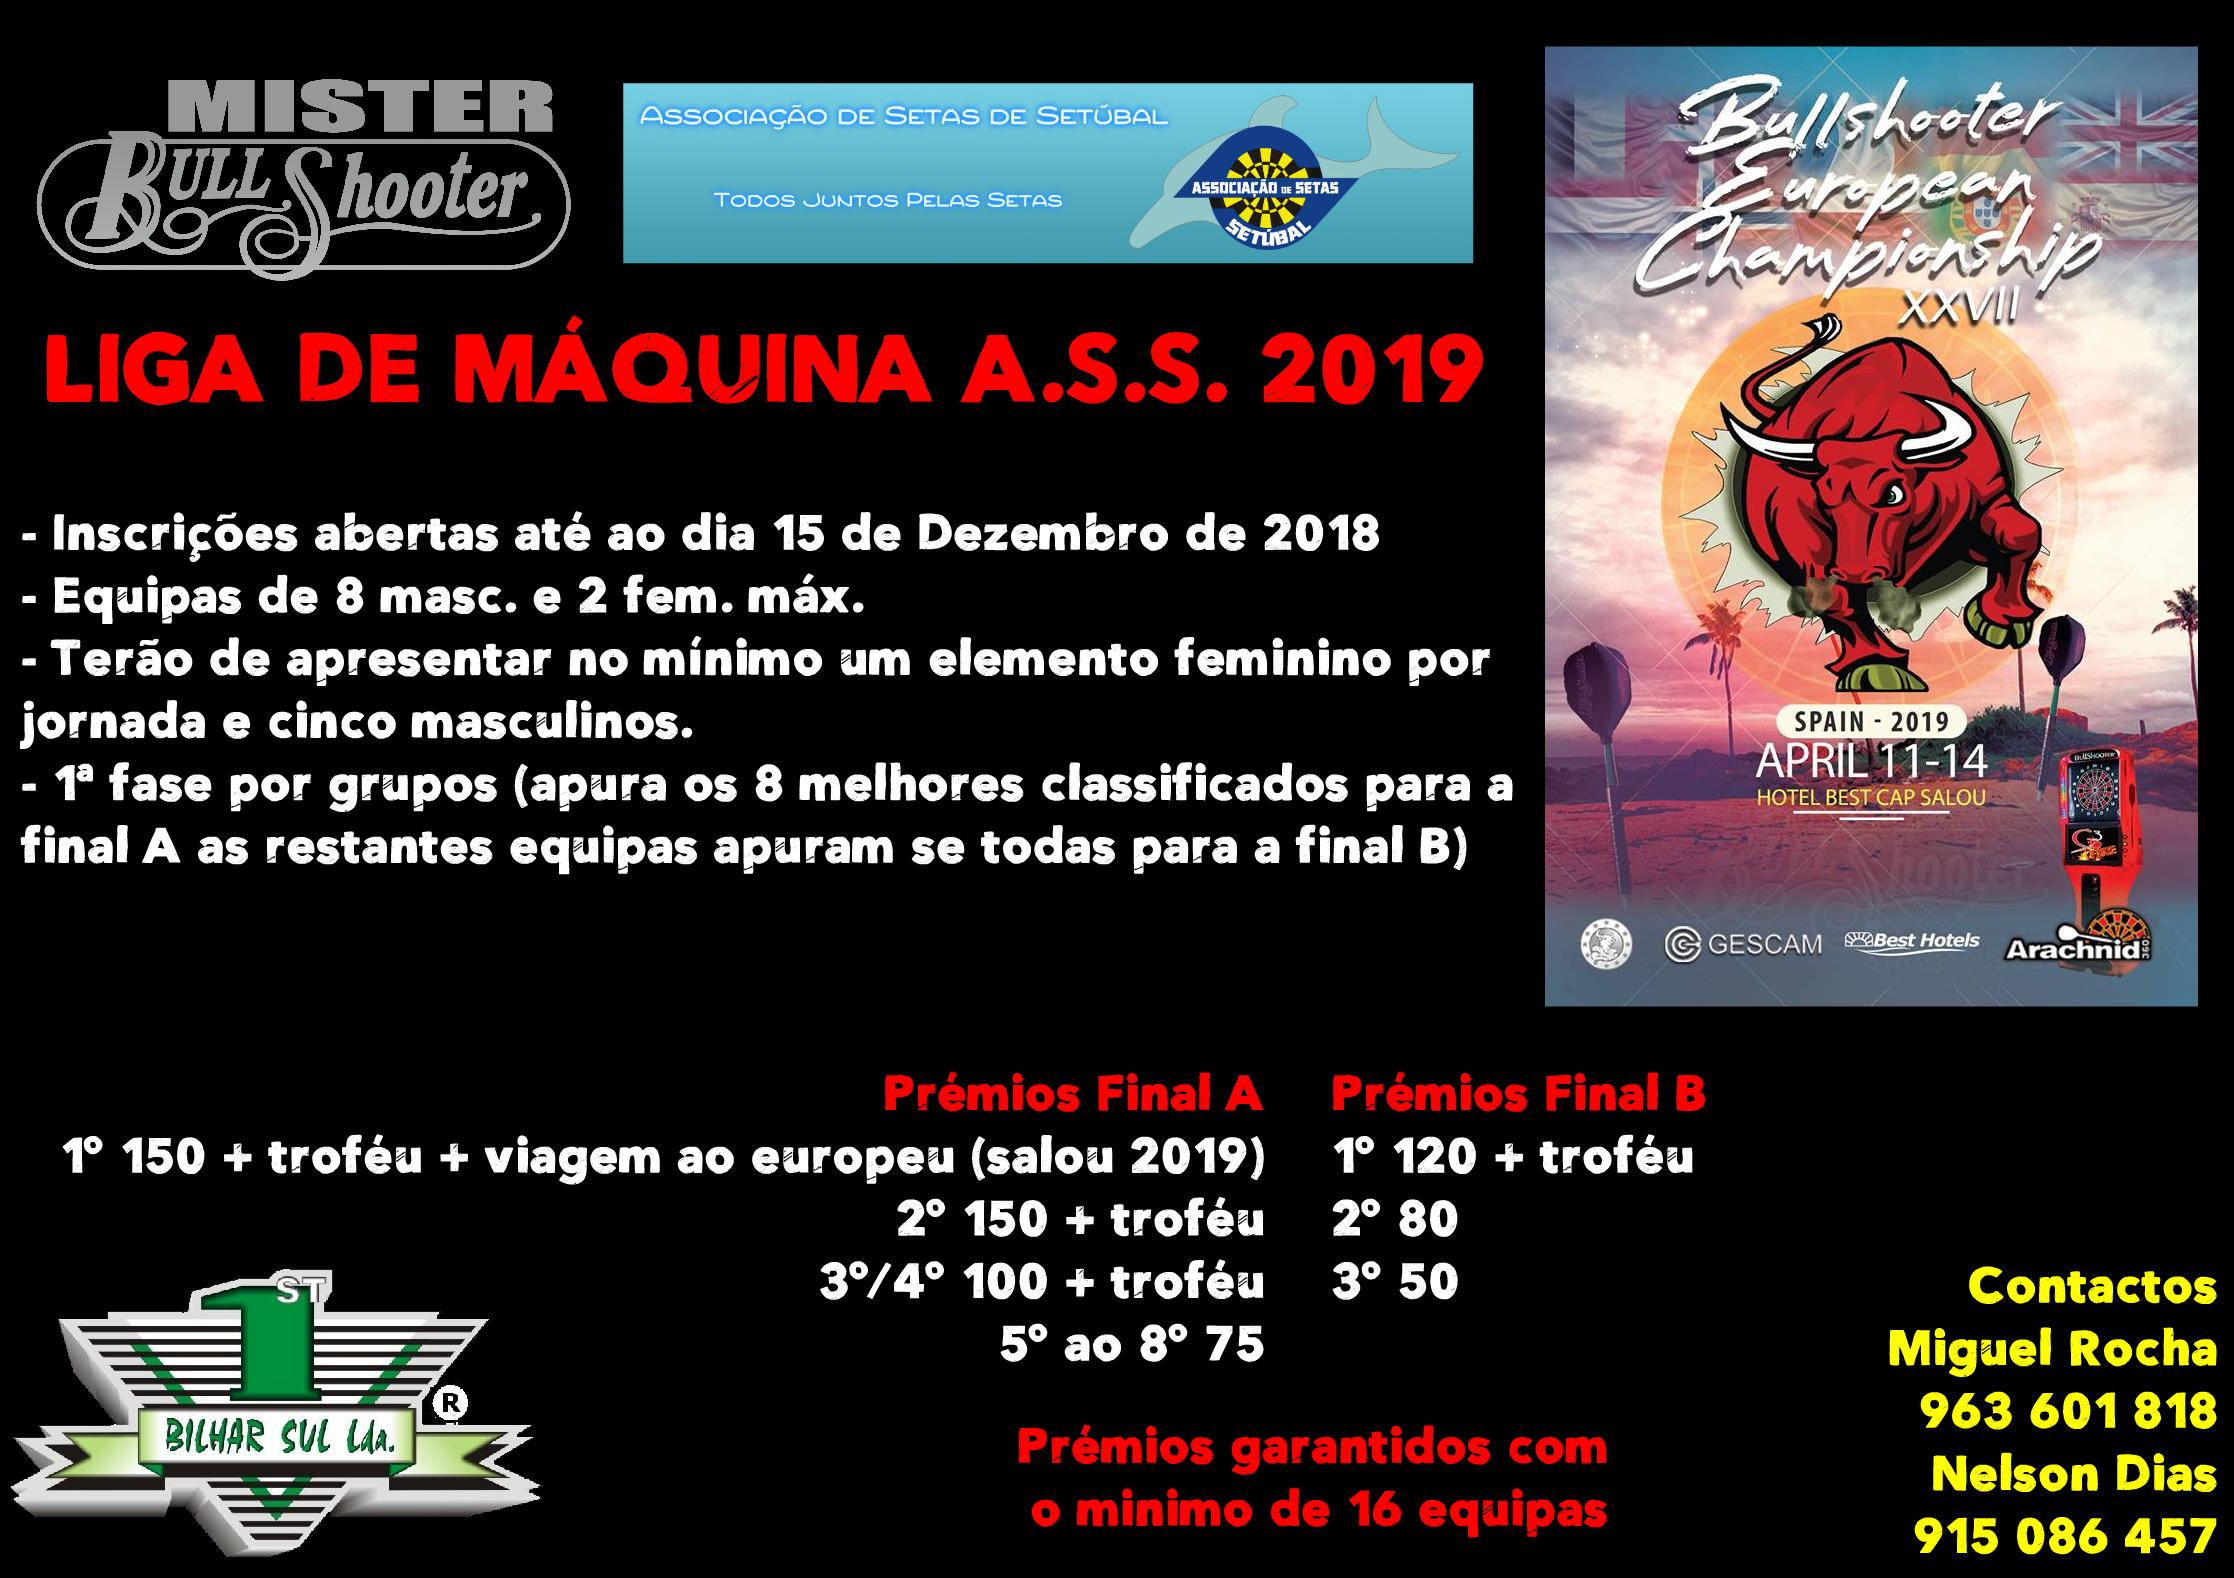 Liga de Máquina A.S.S. 2019